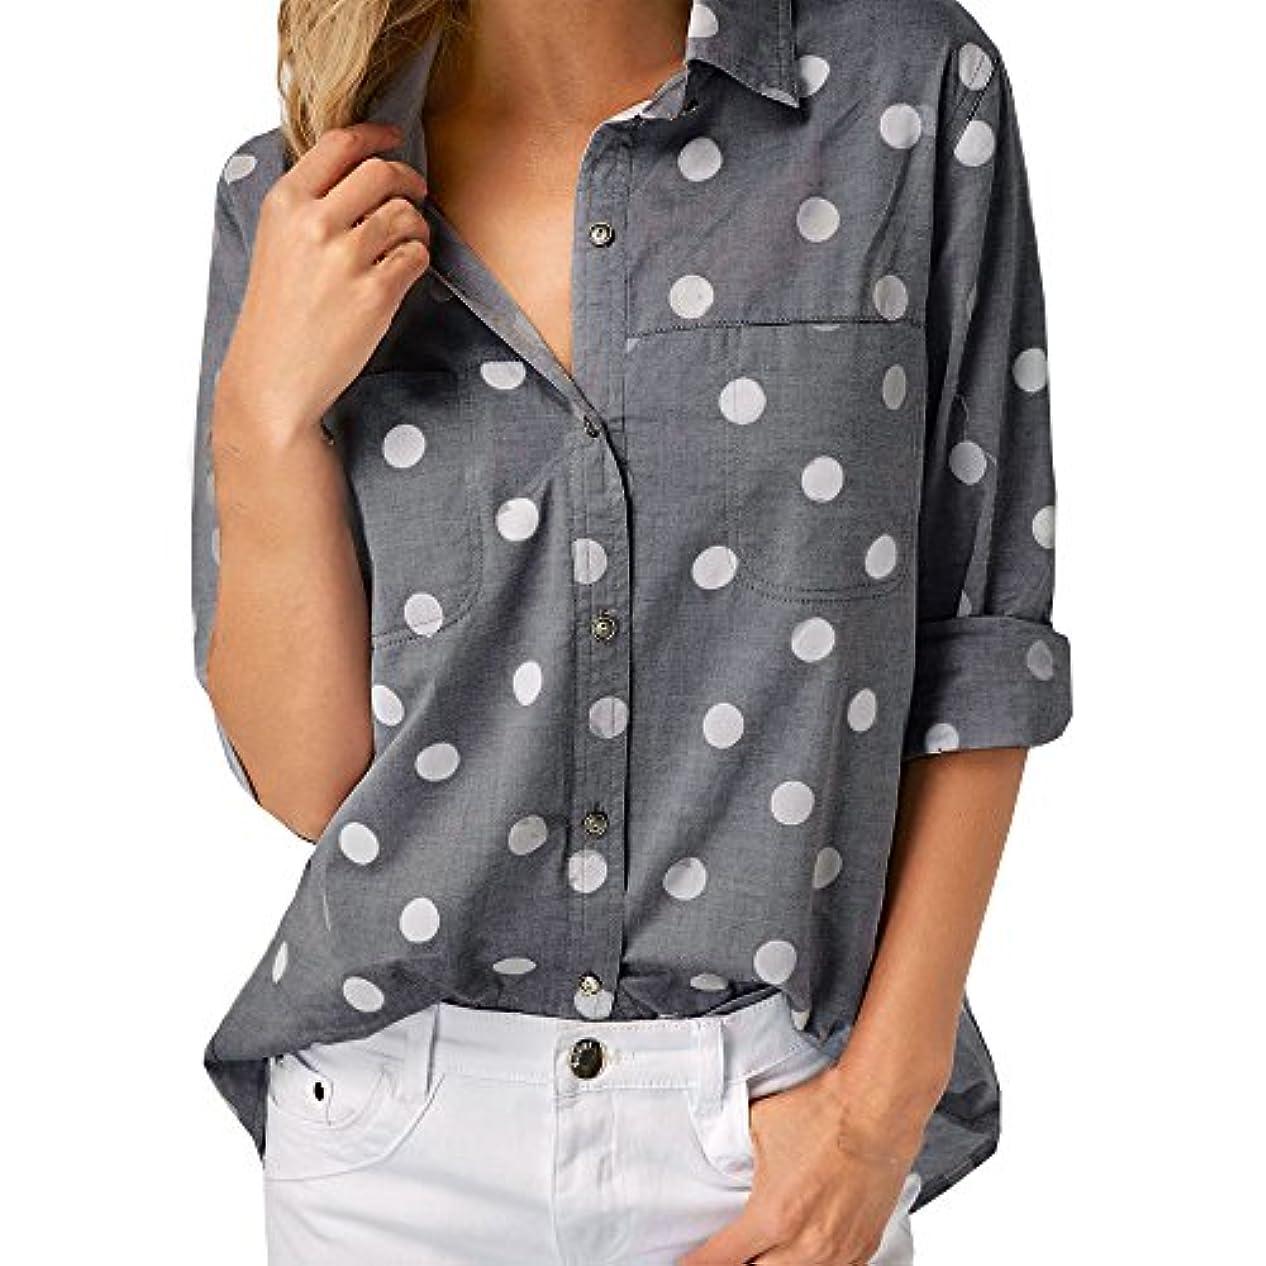 絞るボイコット勤勉SakuraBest Women Work Office Dot Print Spring Autumn Long Sleeve Button Down Shirt Blouse Top